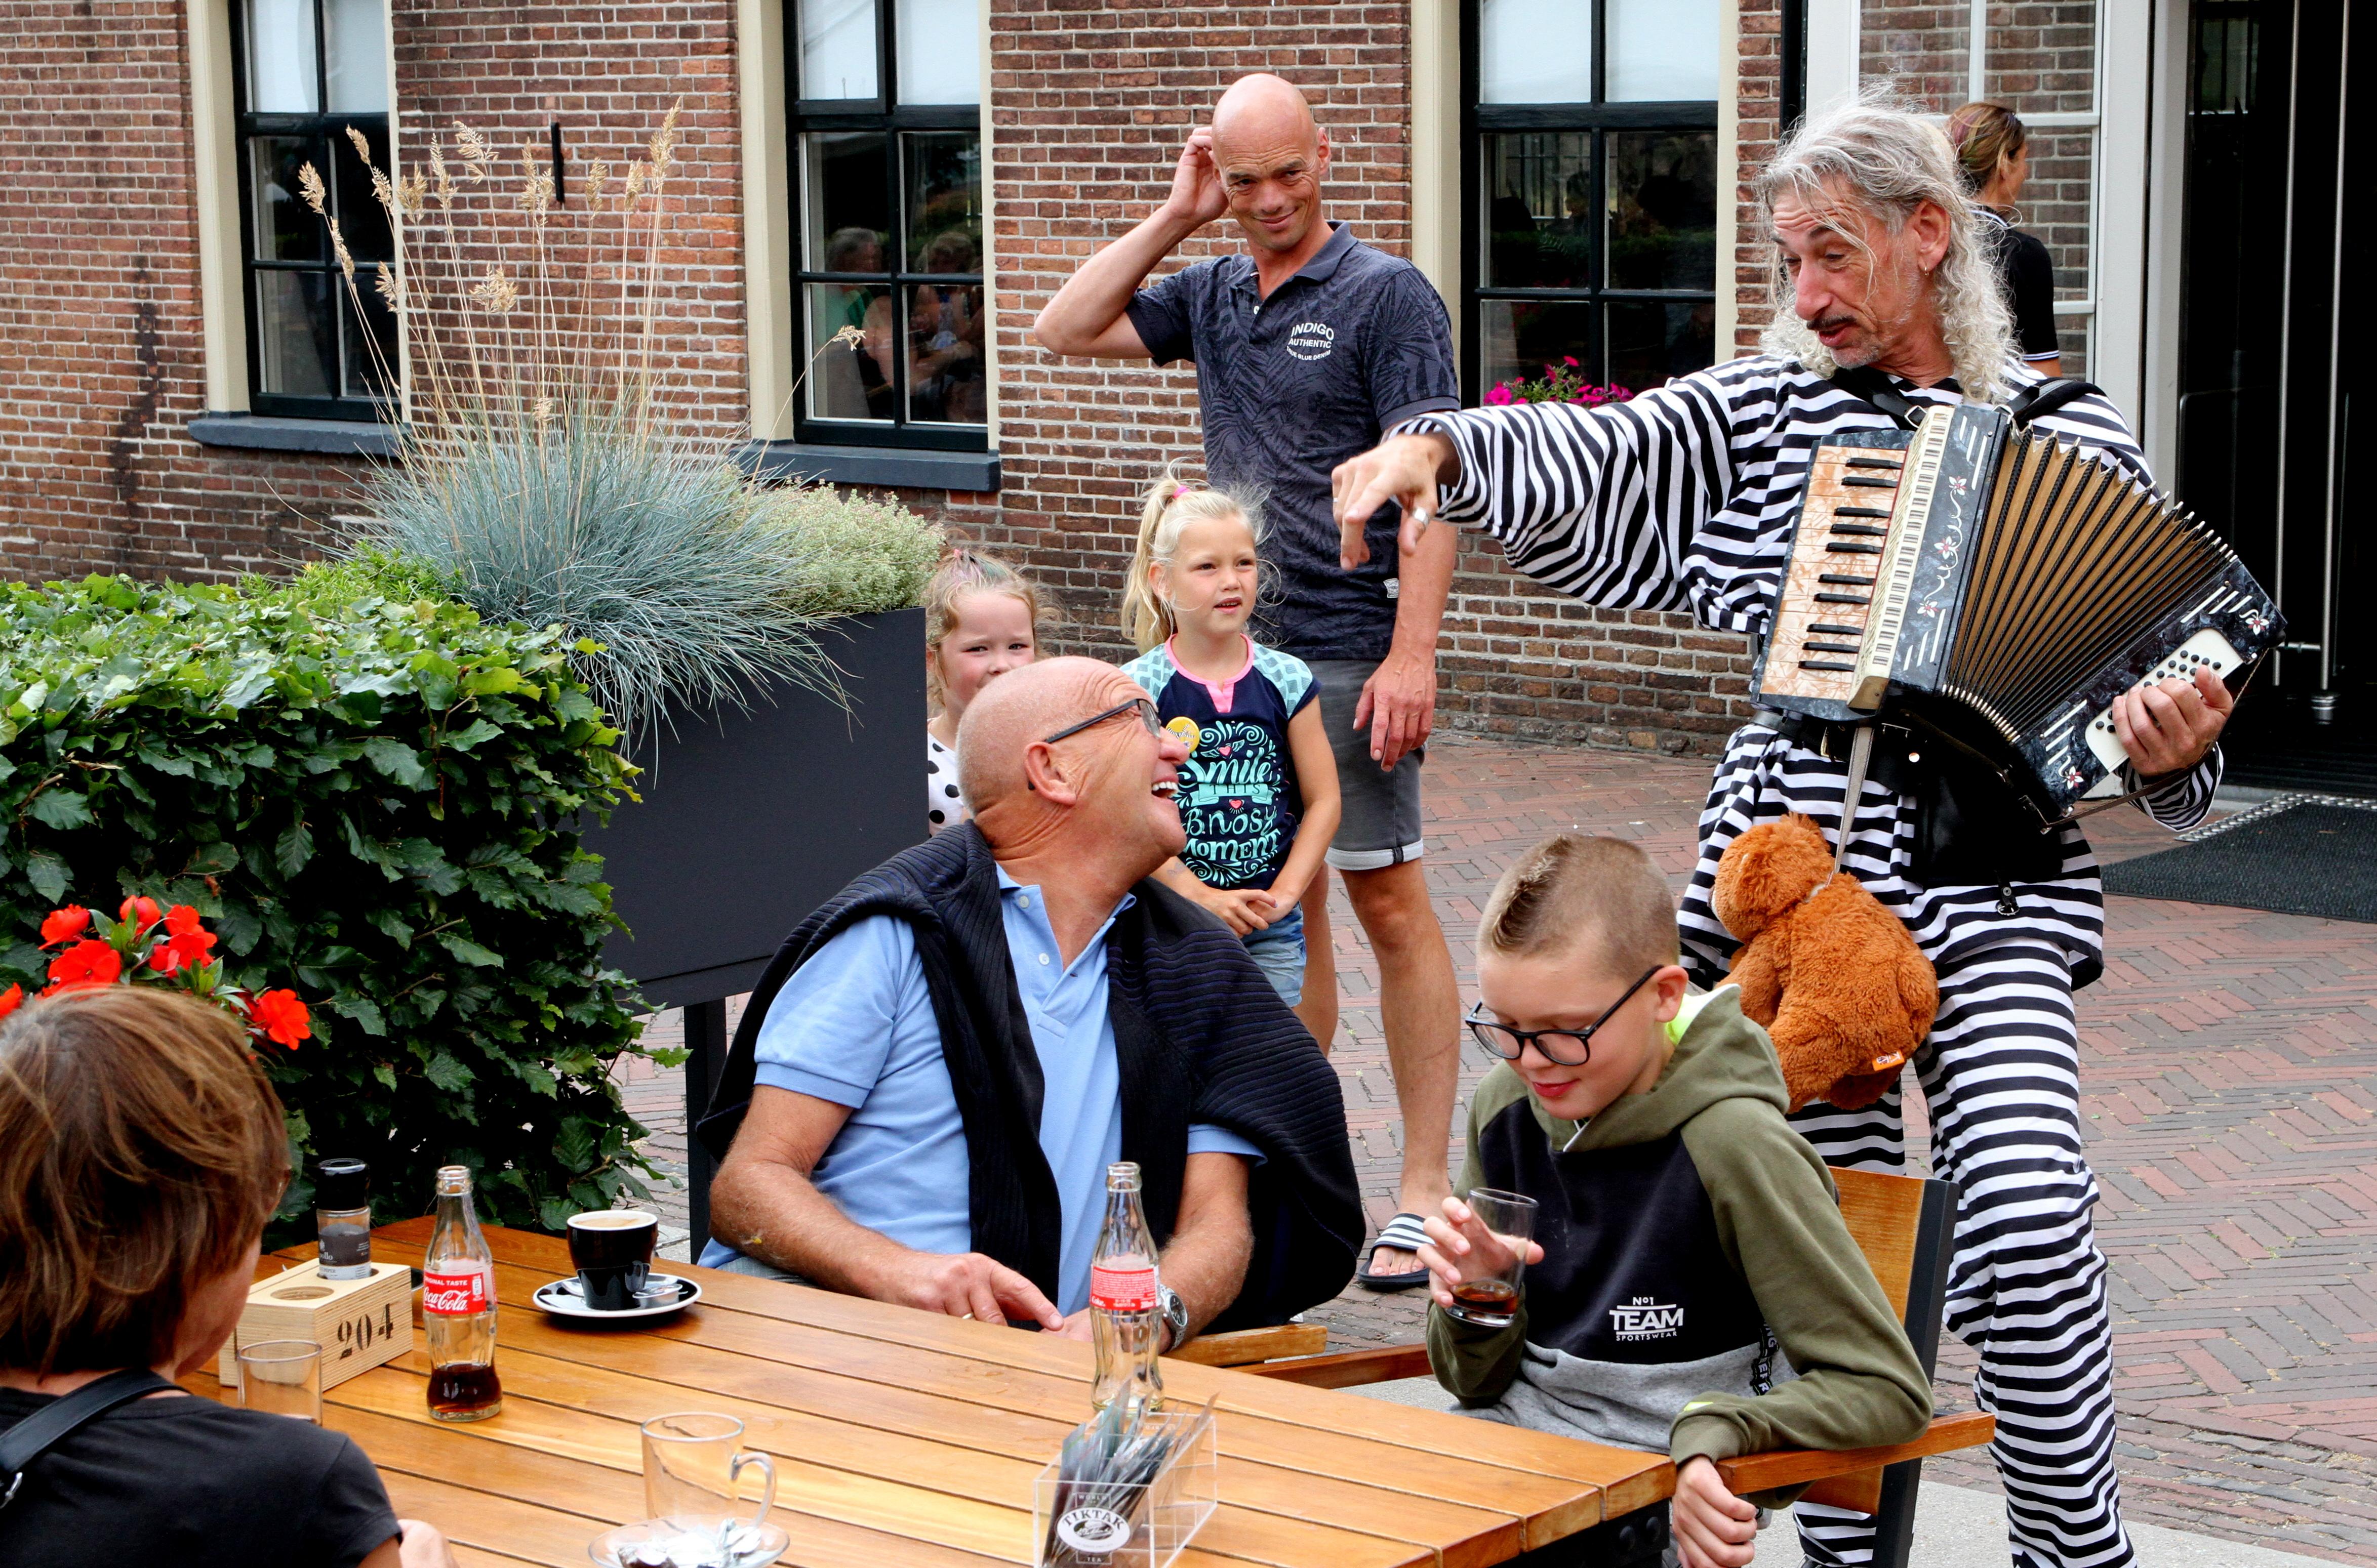 Muzikale Nar Veenhuizen